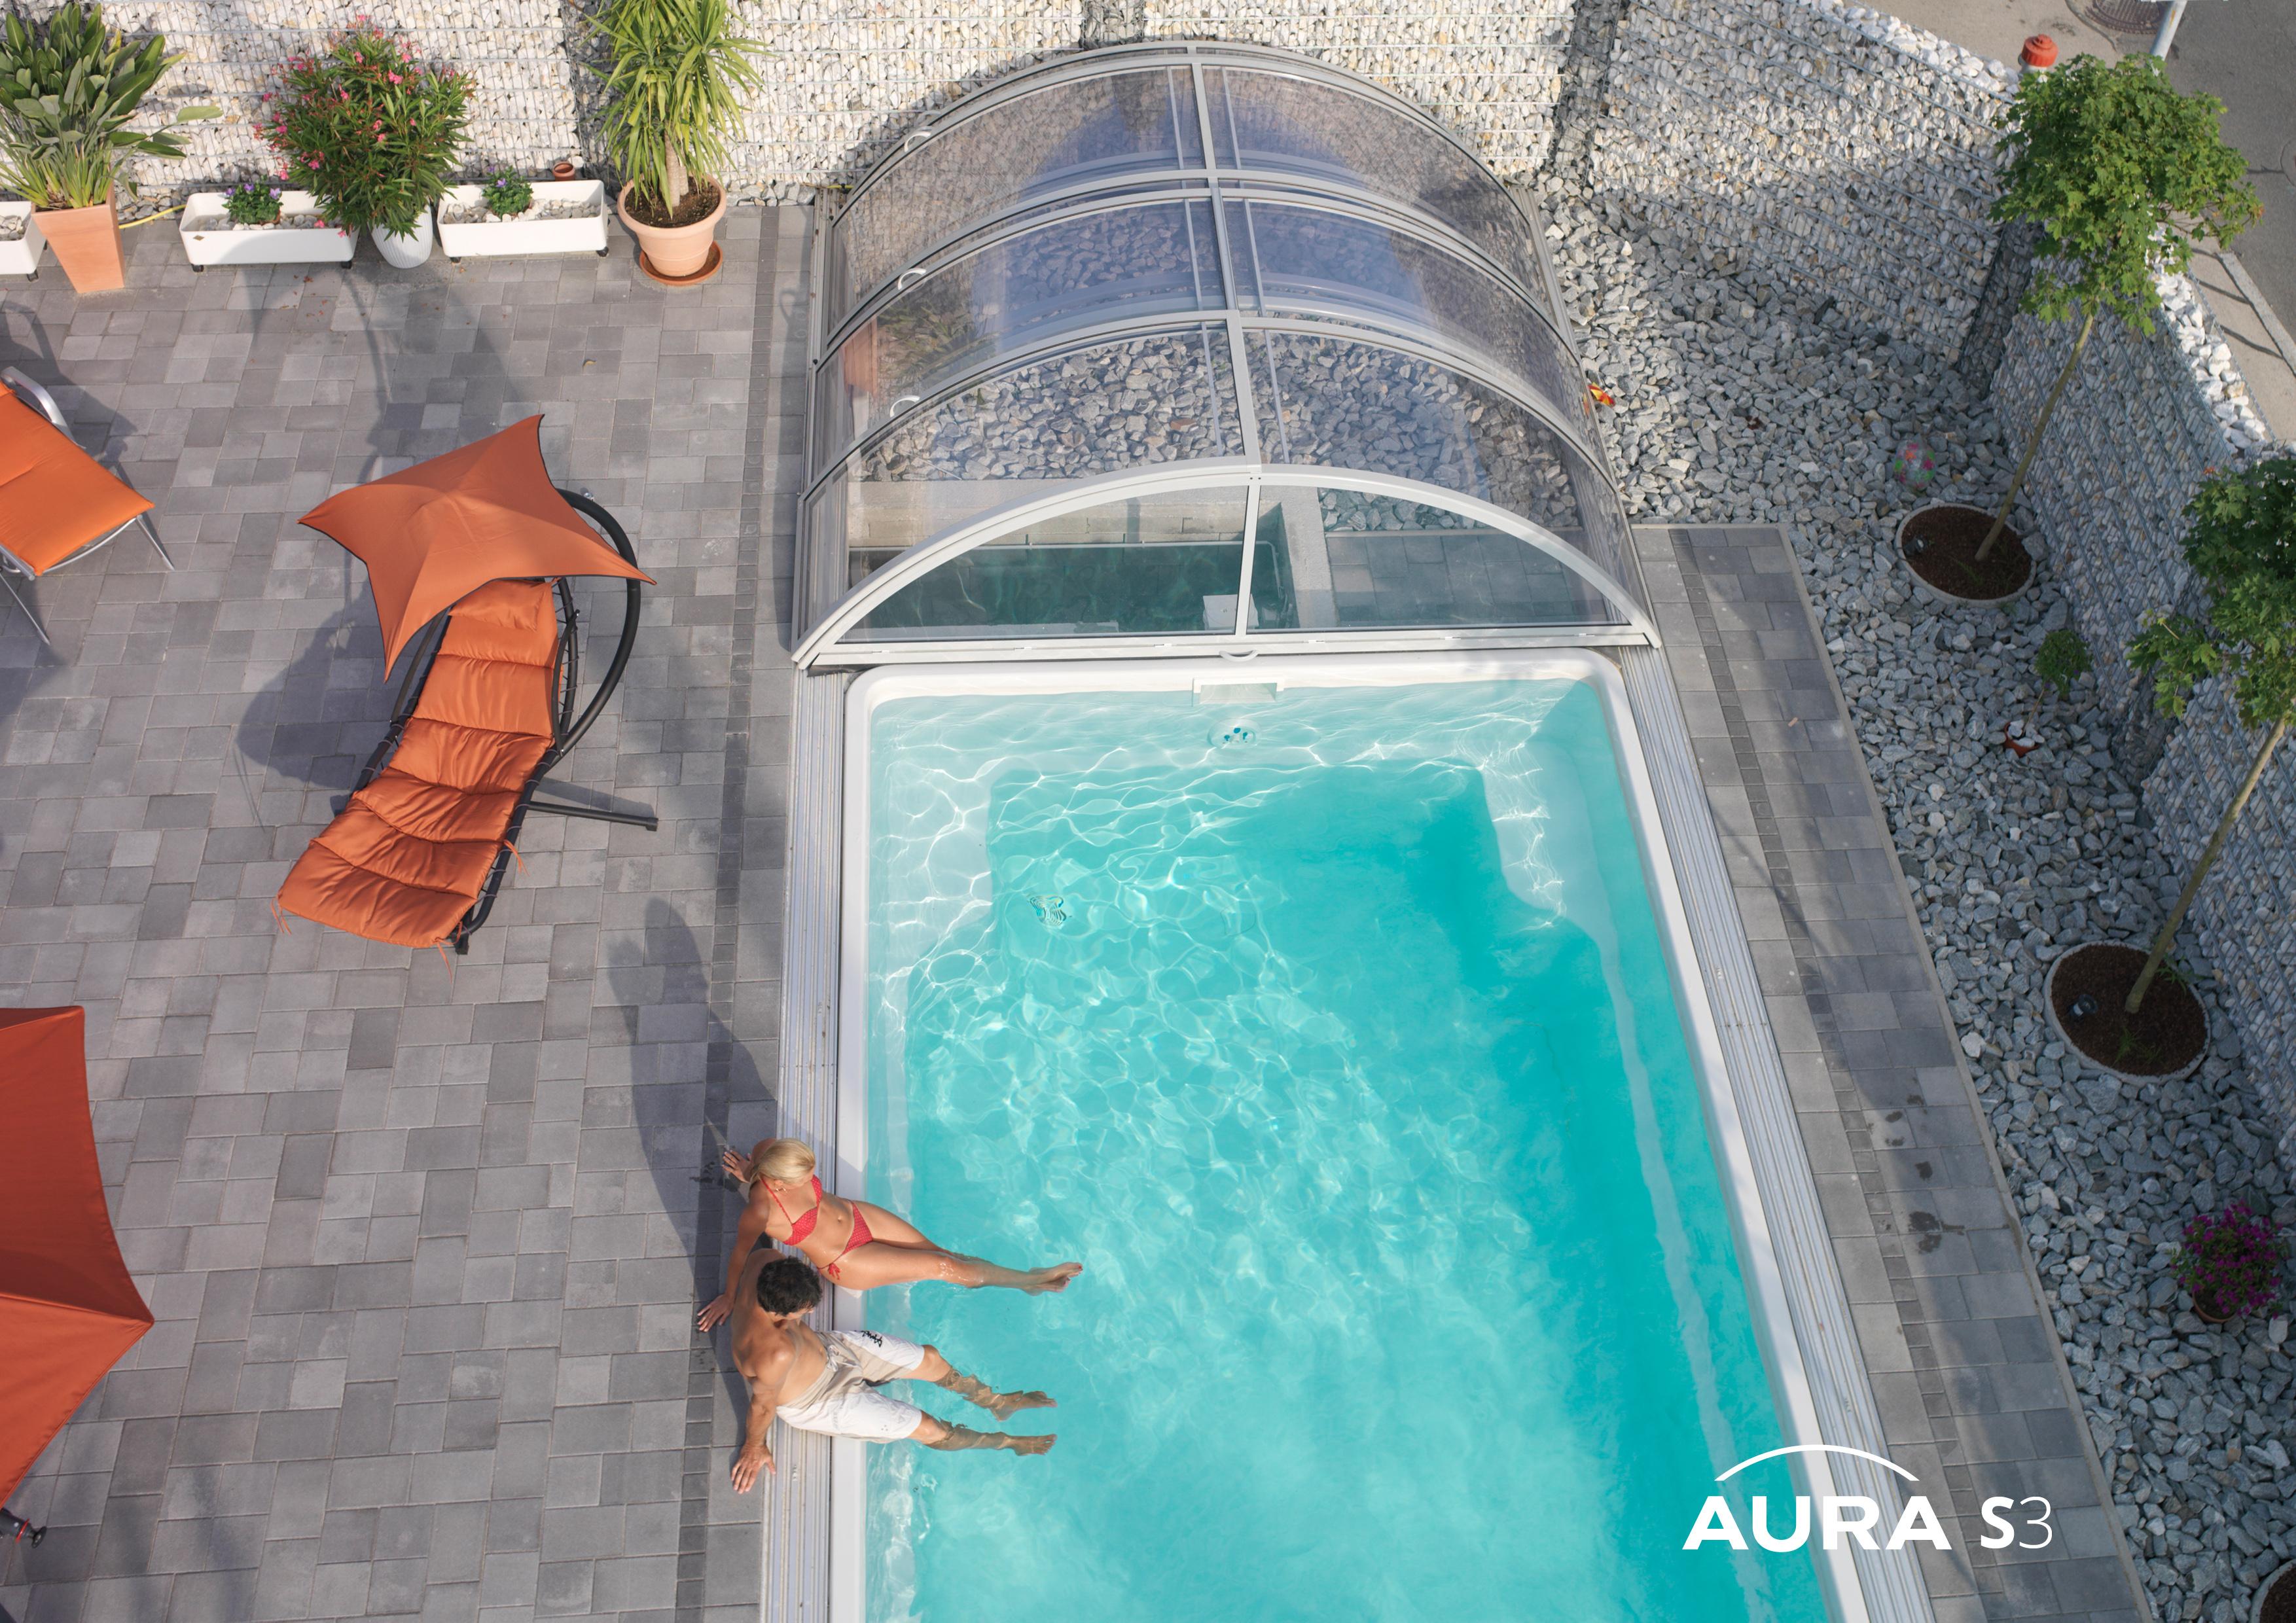 aura-s3-2.jpg